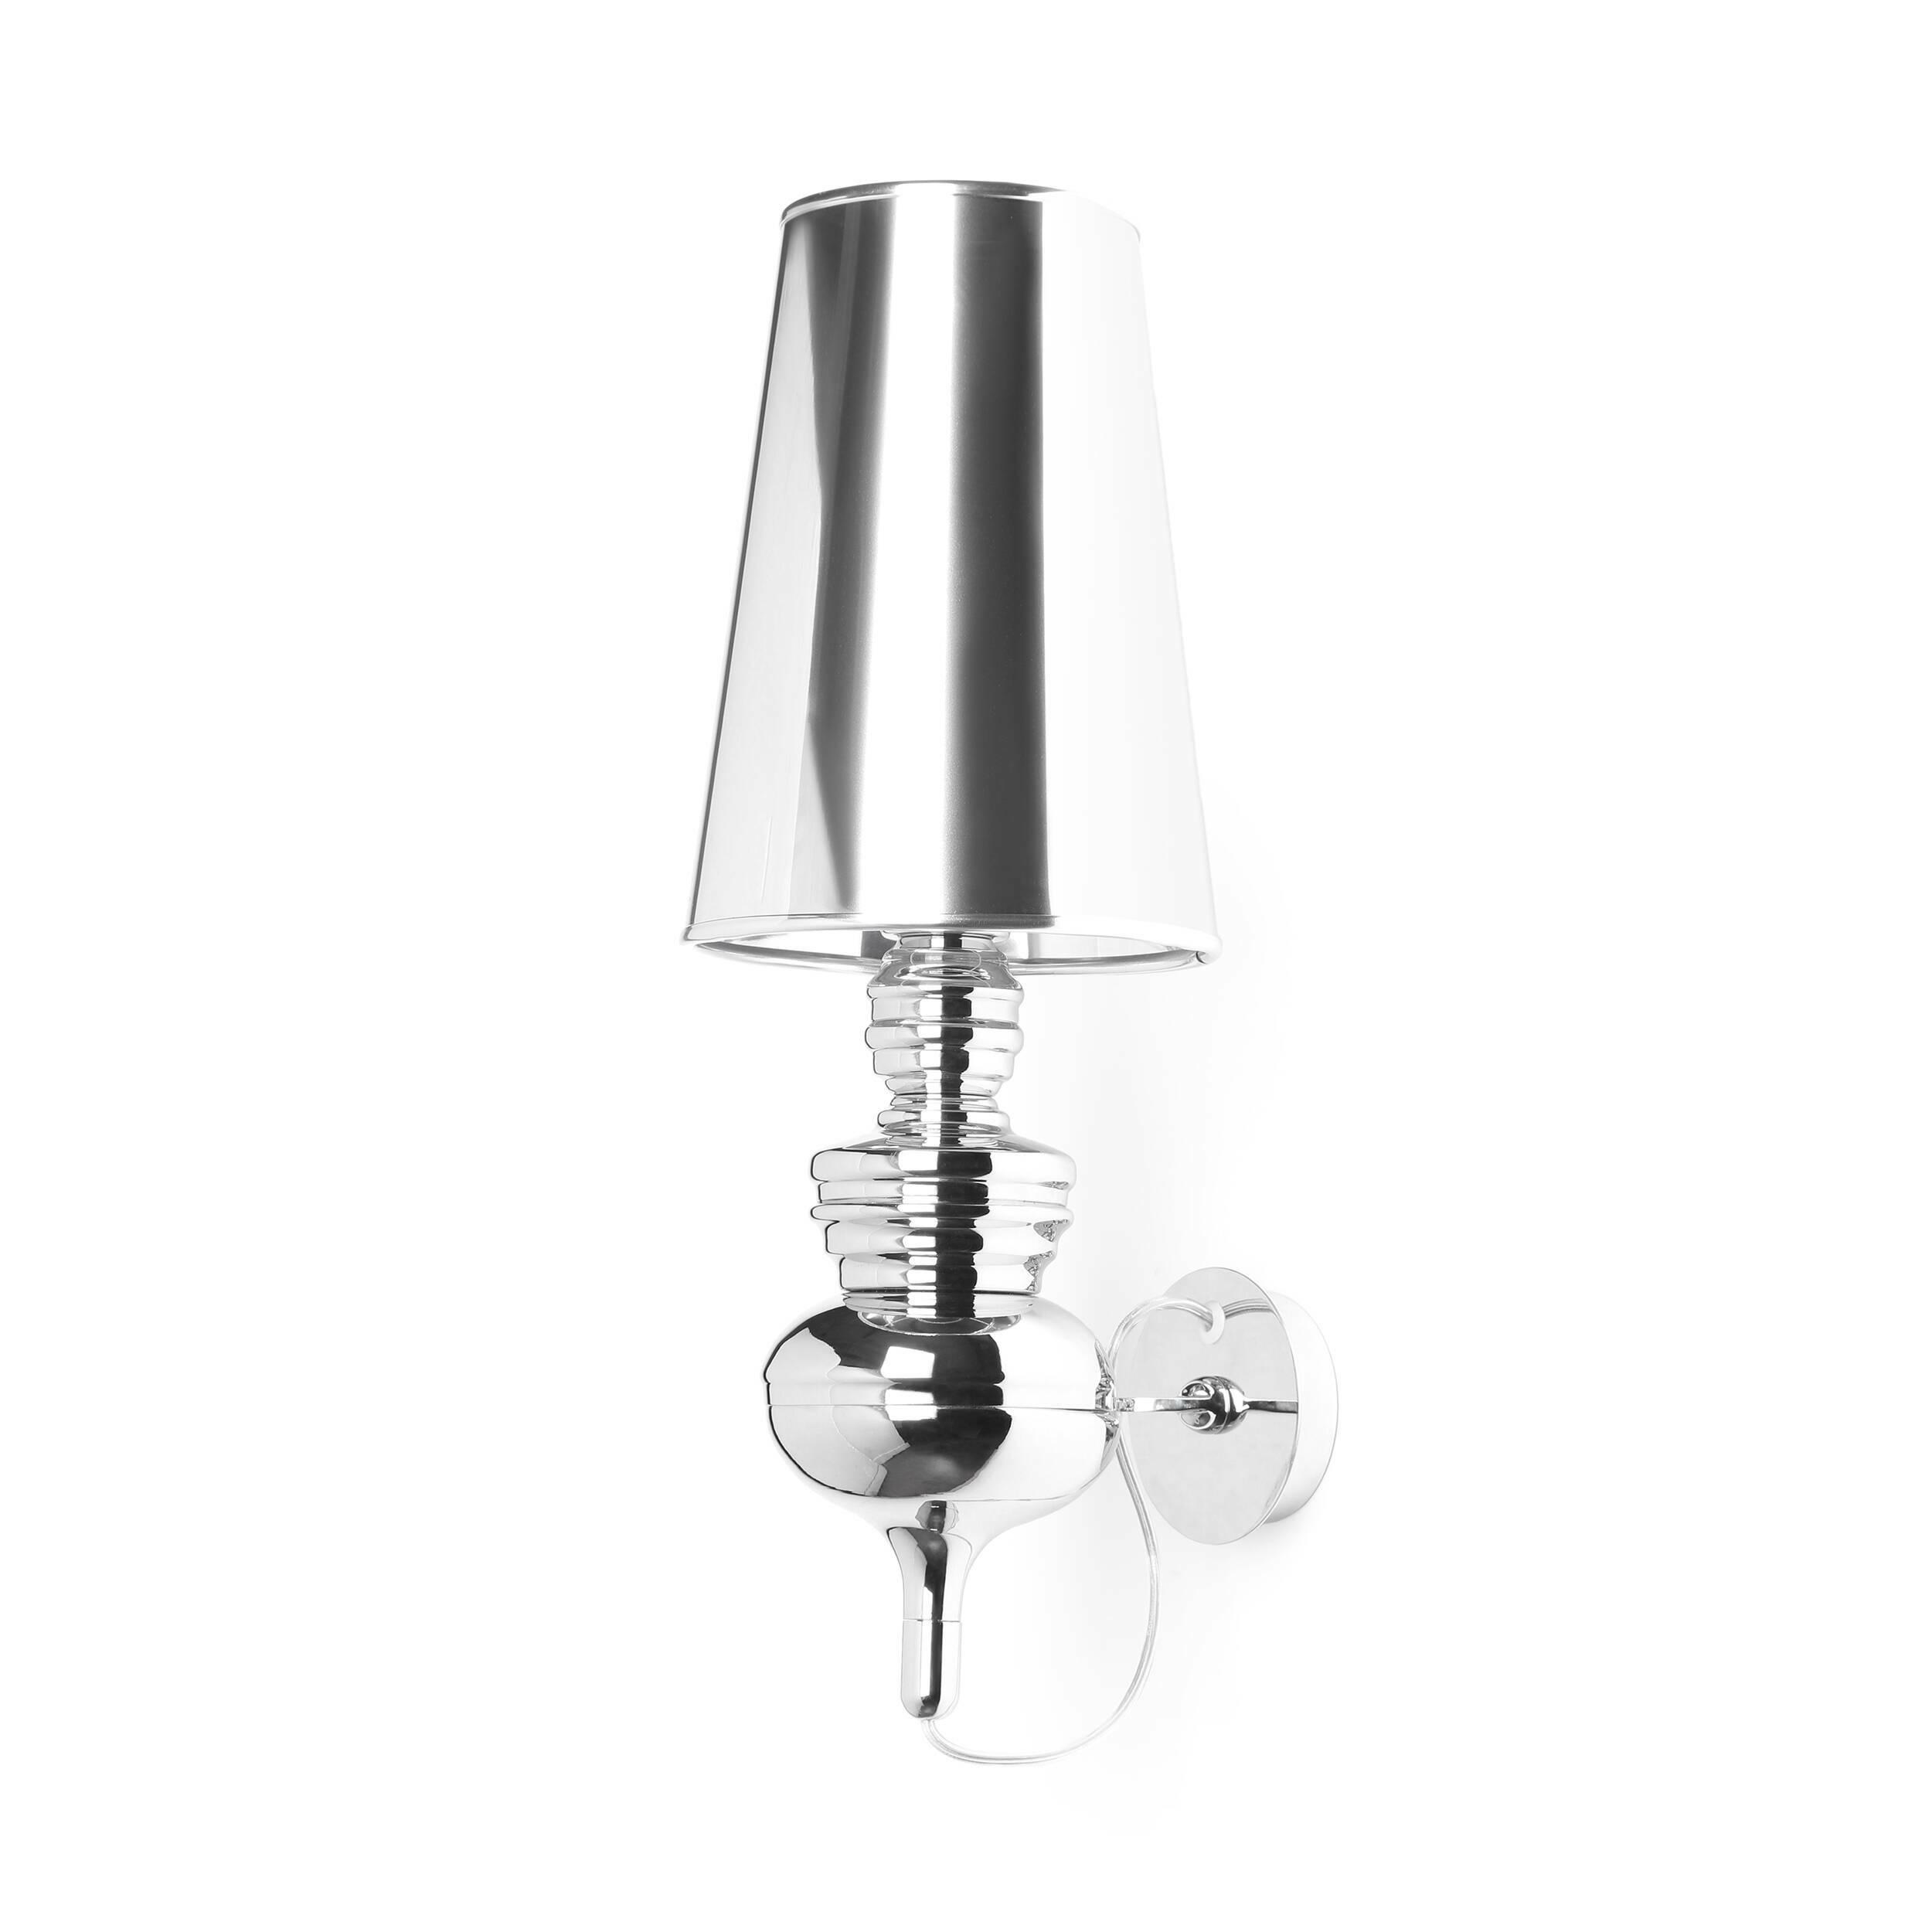 Настенный светильник Cosmo 15580633 от Cosmorelax